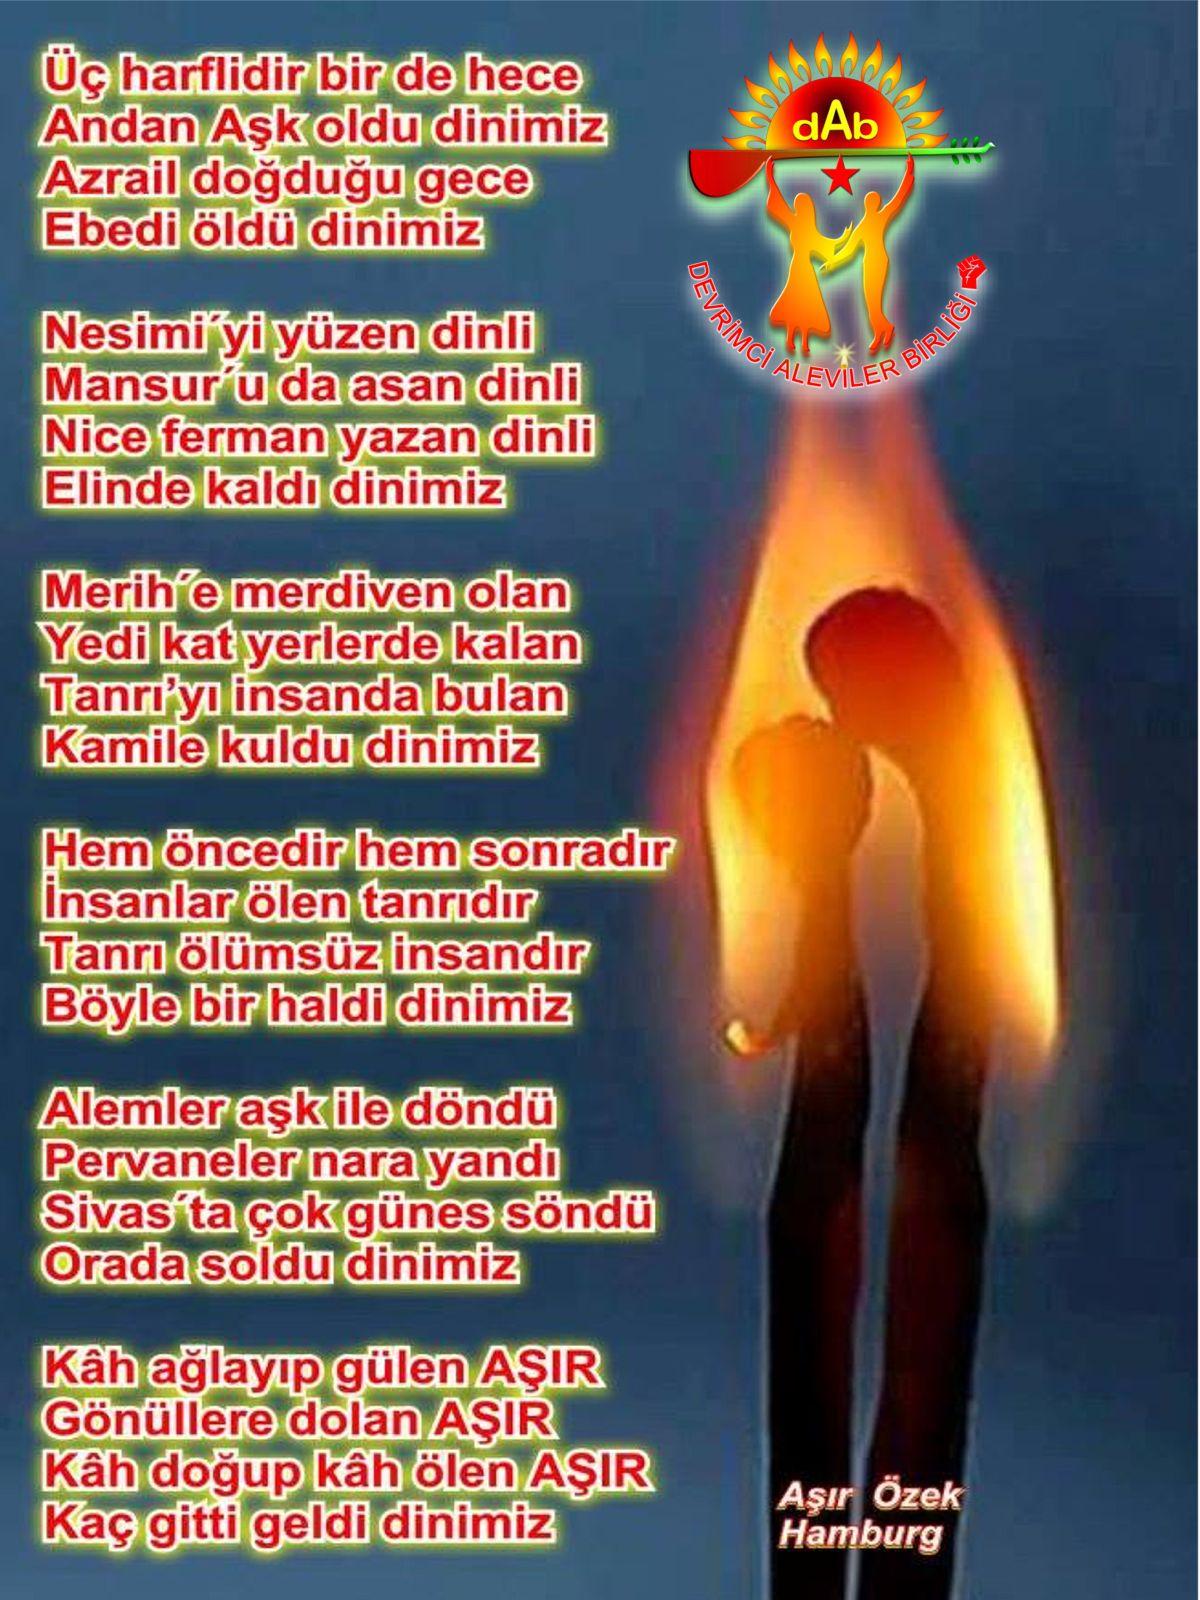 Alevi Bektaşi Kızılbaş Pir Sultan Devrimci Aleviler Birliği DAB dinimiz DAB